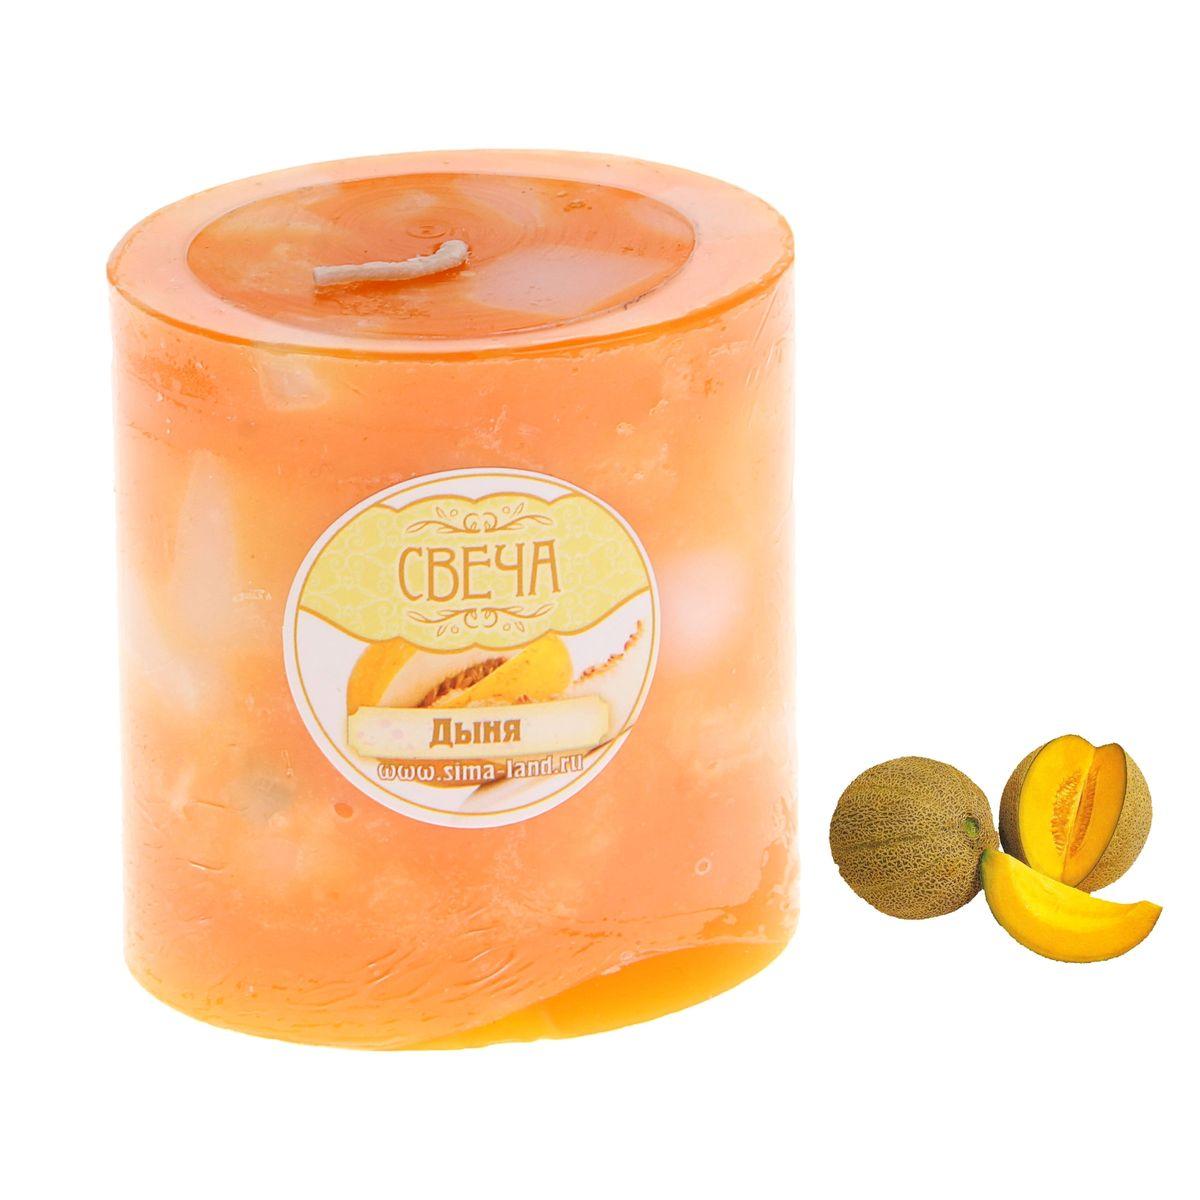 Свеча ароматизированная Sima-land Слияние, с ароматом дыни, цвет: оранжевый, белый, высота 7 см корзинка для мелочей sima land цвет оранжевый диаметр 15 см